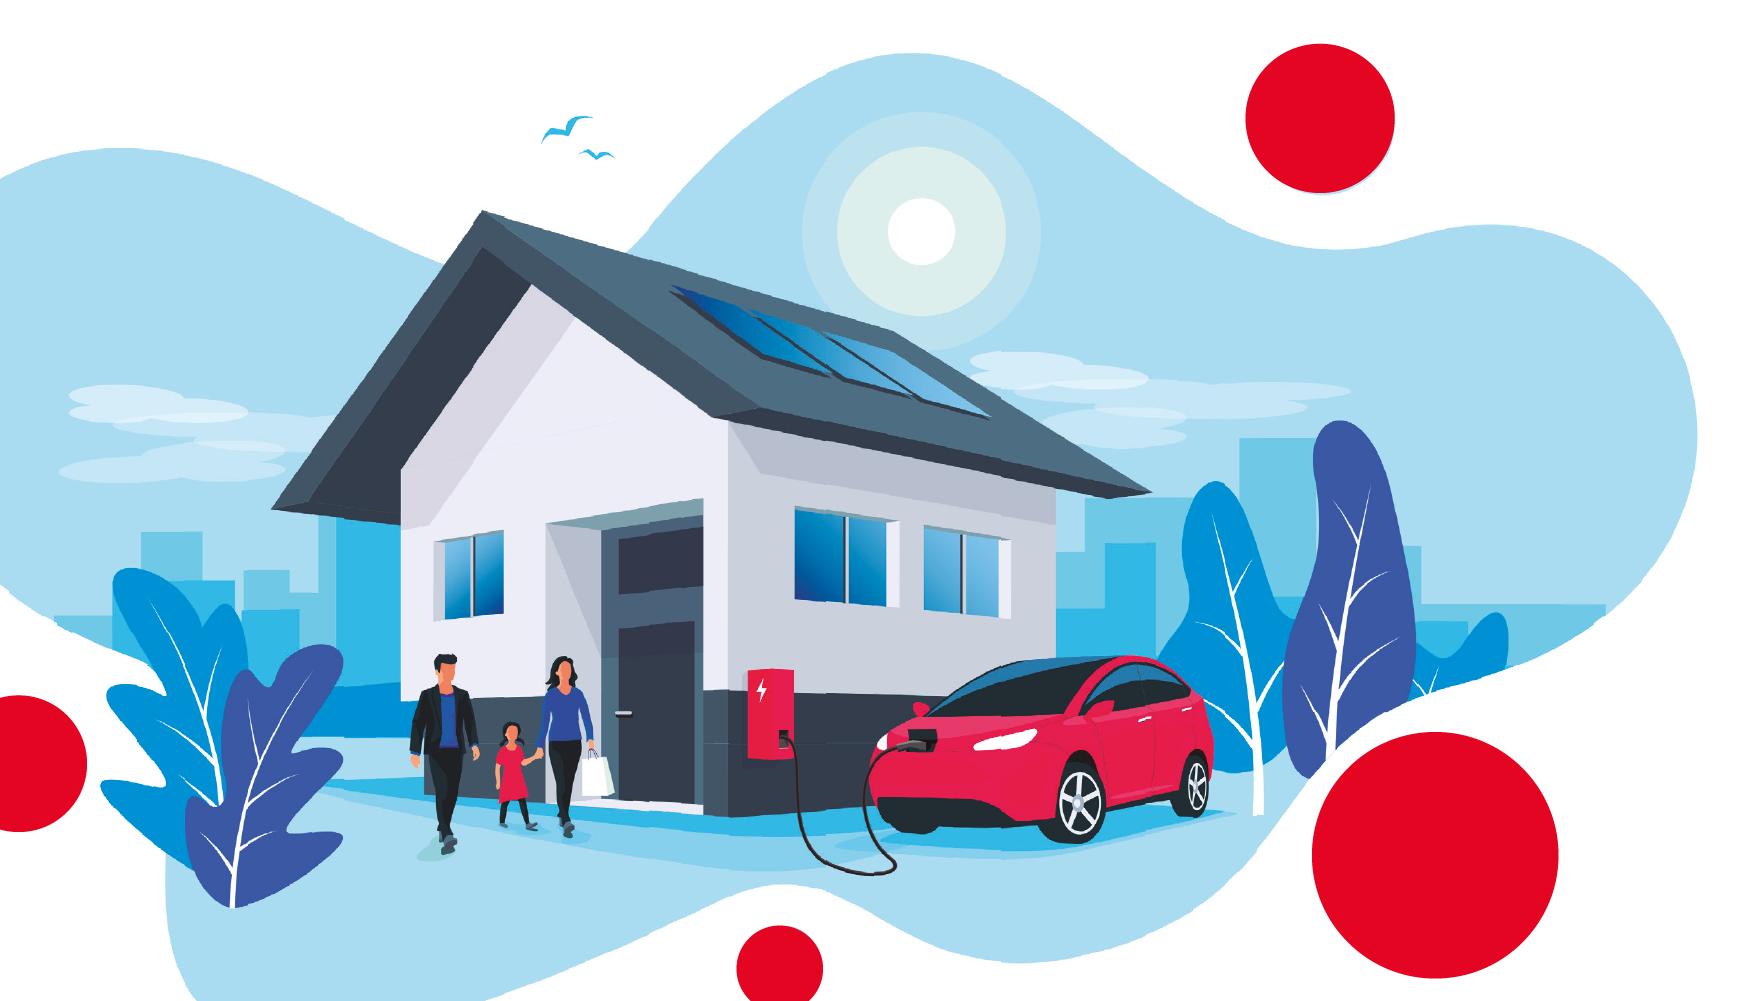 Imagem de capa Energytechs made in Brazil